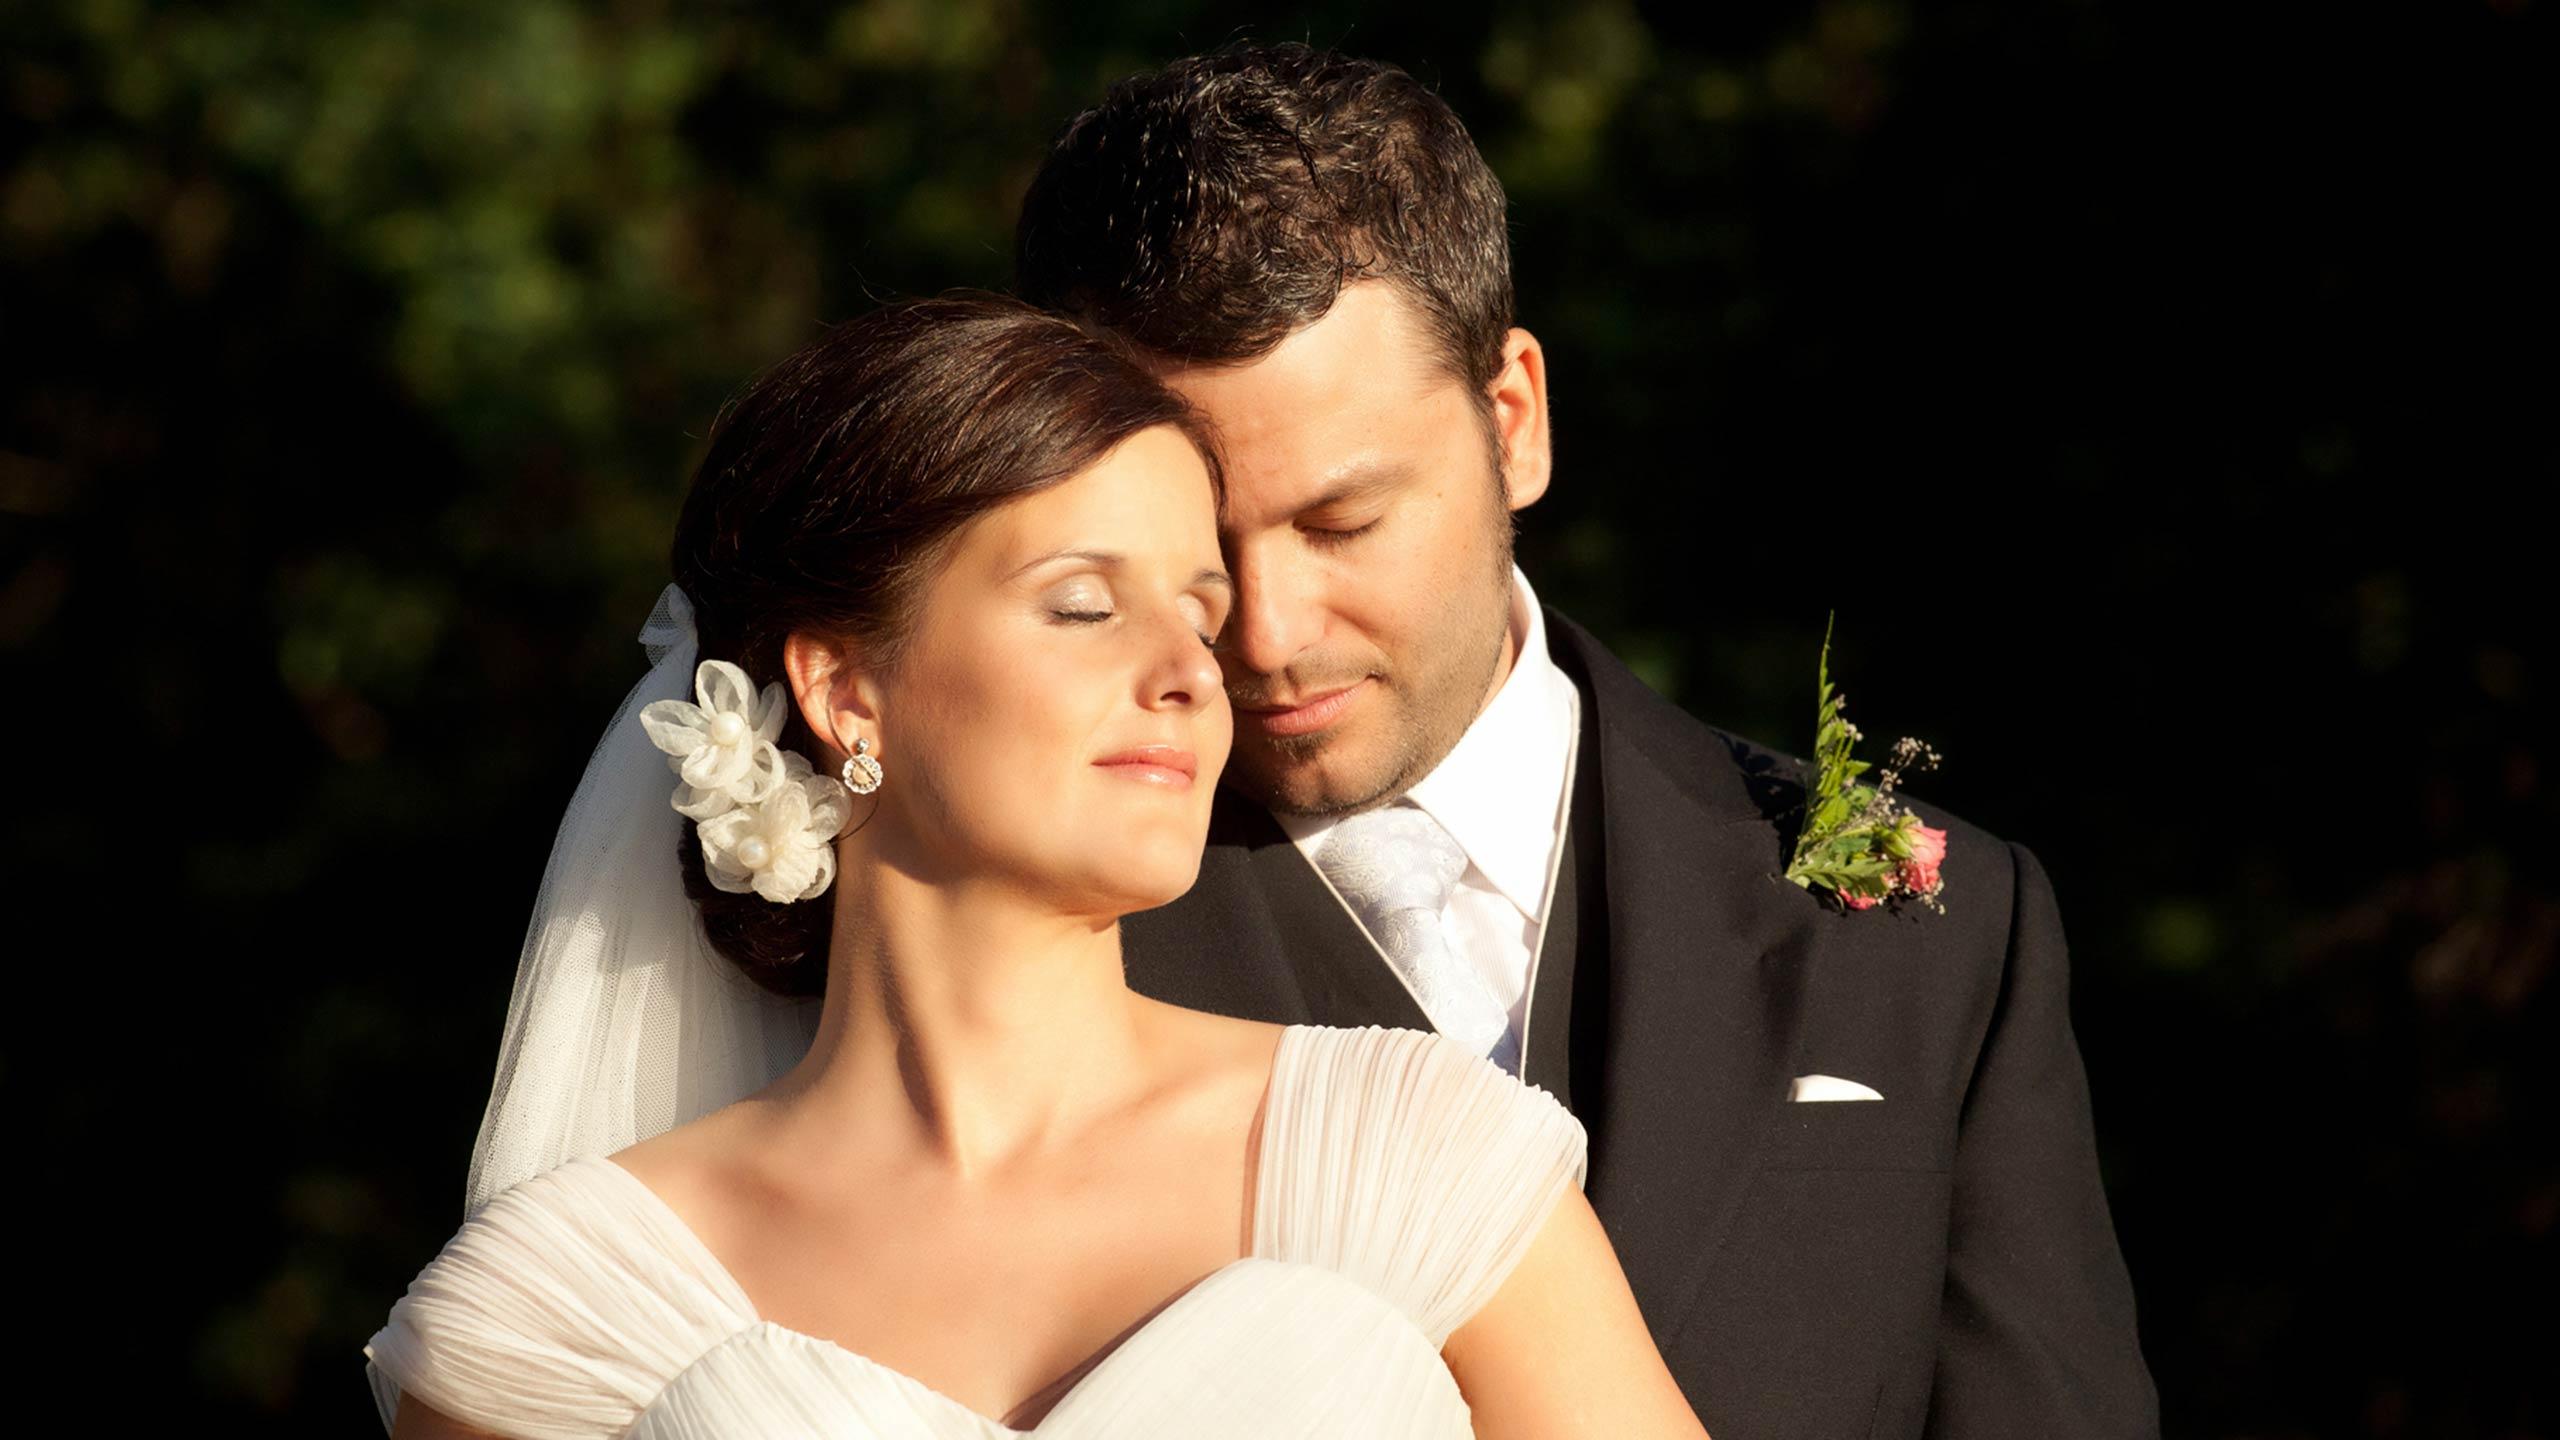 Fotografía y reportaje de la boda de Pedroy Carmi, realizado por David Ortiz Fotógrafo enSalamanca